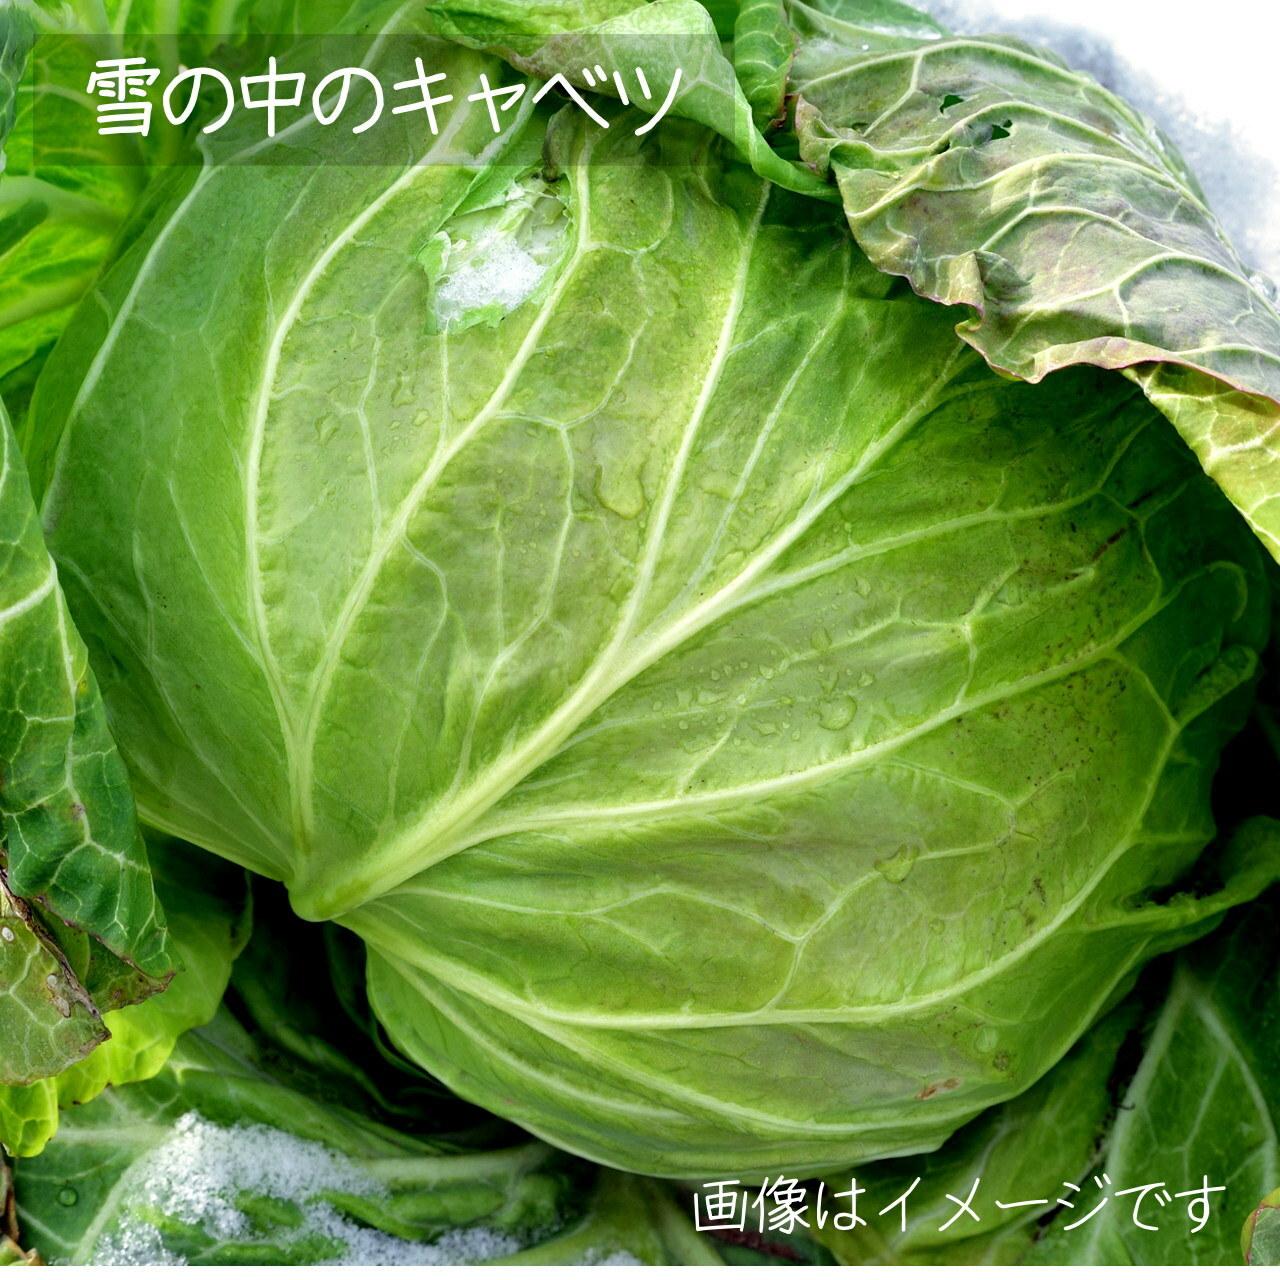 新鮮な冬野菜 : キャベツ 1個 11月の朝採り直売野菜 11月30日発送予定